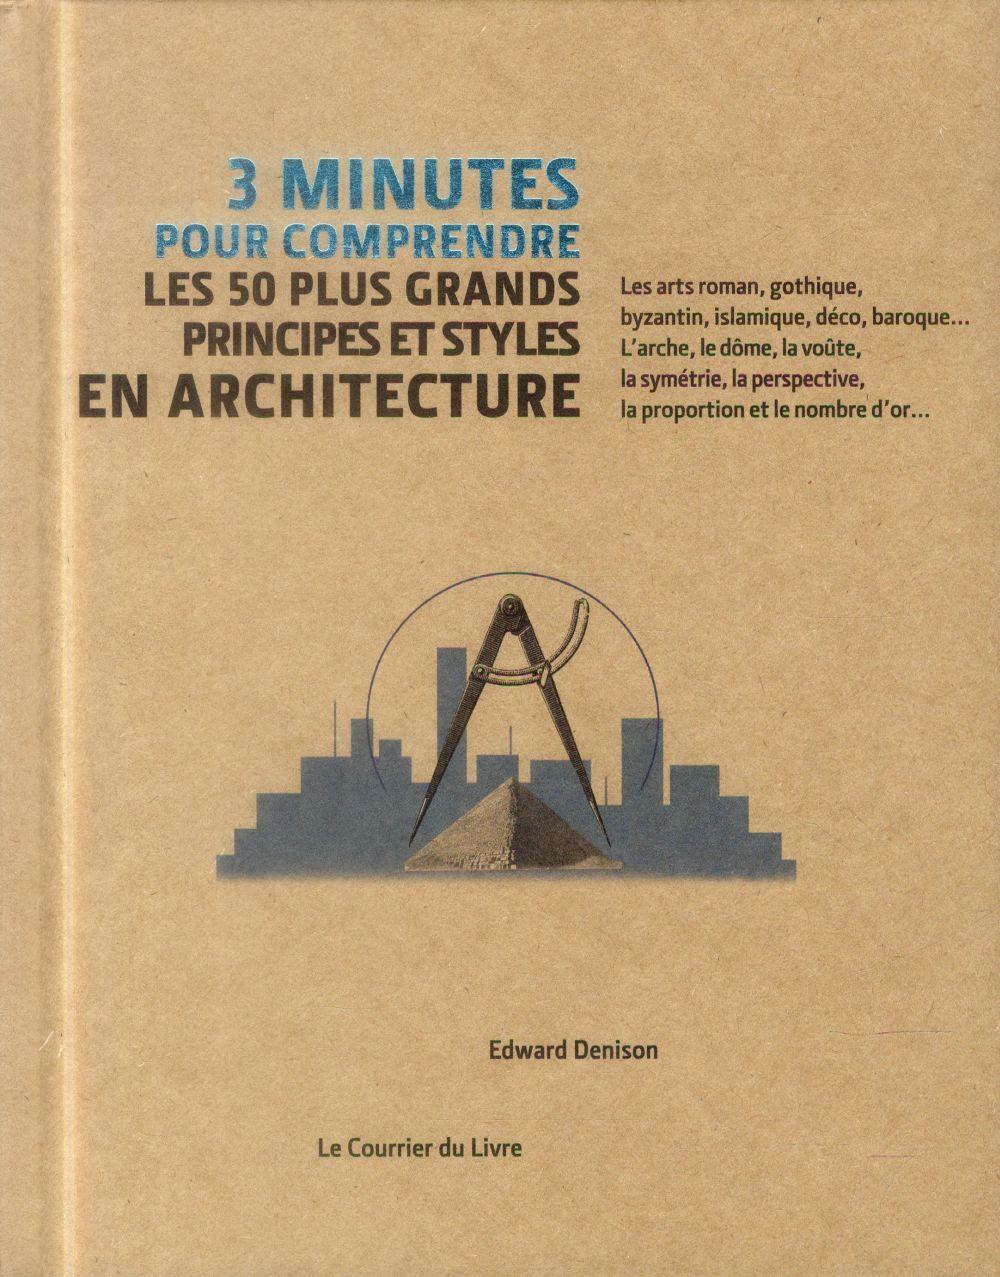 3 MINUTES POUR COMPRENDRE LES 50 PLUS GRANDS PRINCIPES ET STYLES EN ARCHITECTURE NON RENSEIGNÉ Courrier du livre